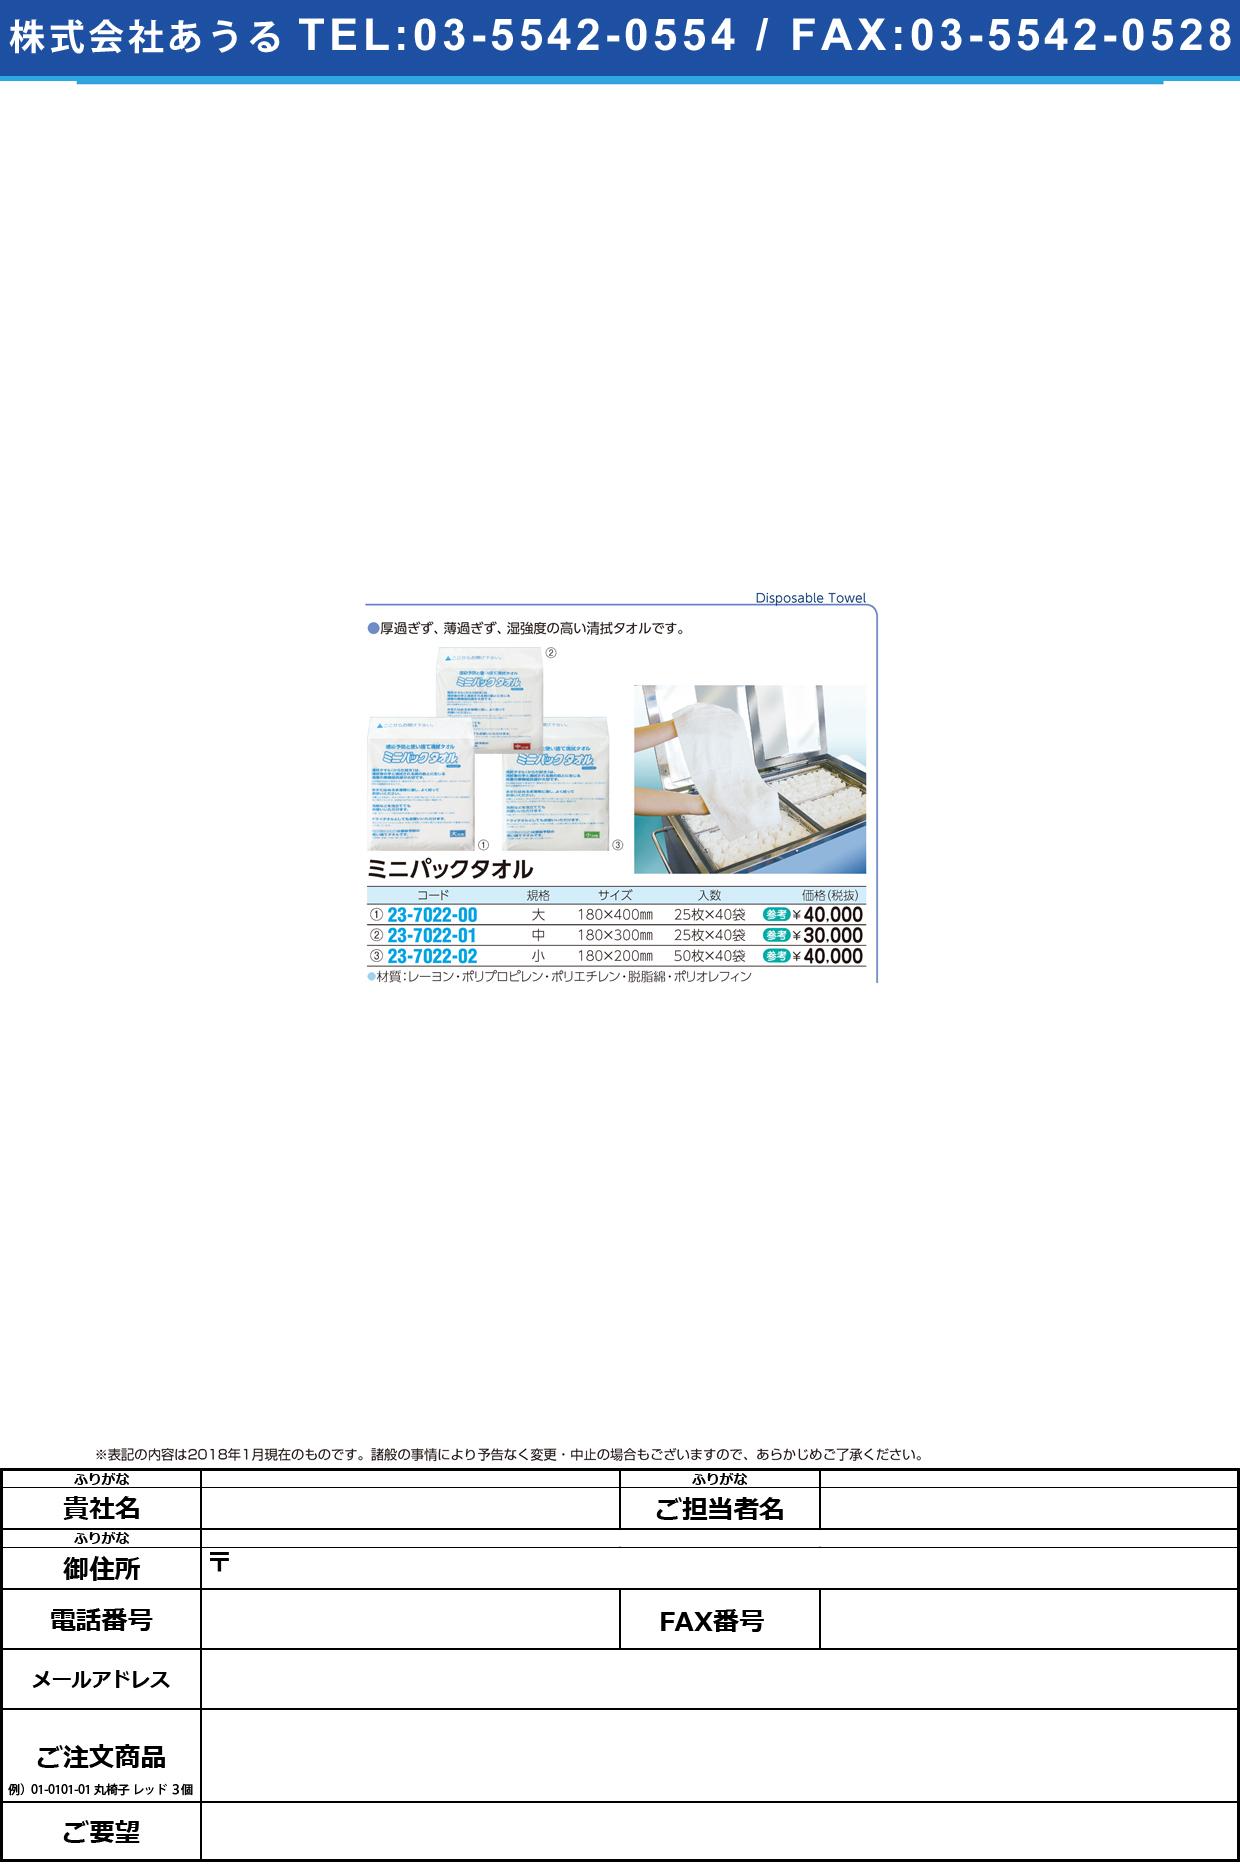 (23-7022-00)ミニパックタオル(大) 18X40CM(25マイX40フクロ) ミニパックタオル(ダイ)【1梱単位】【2018年カタログ商品】